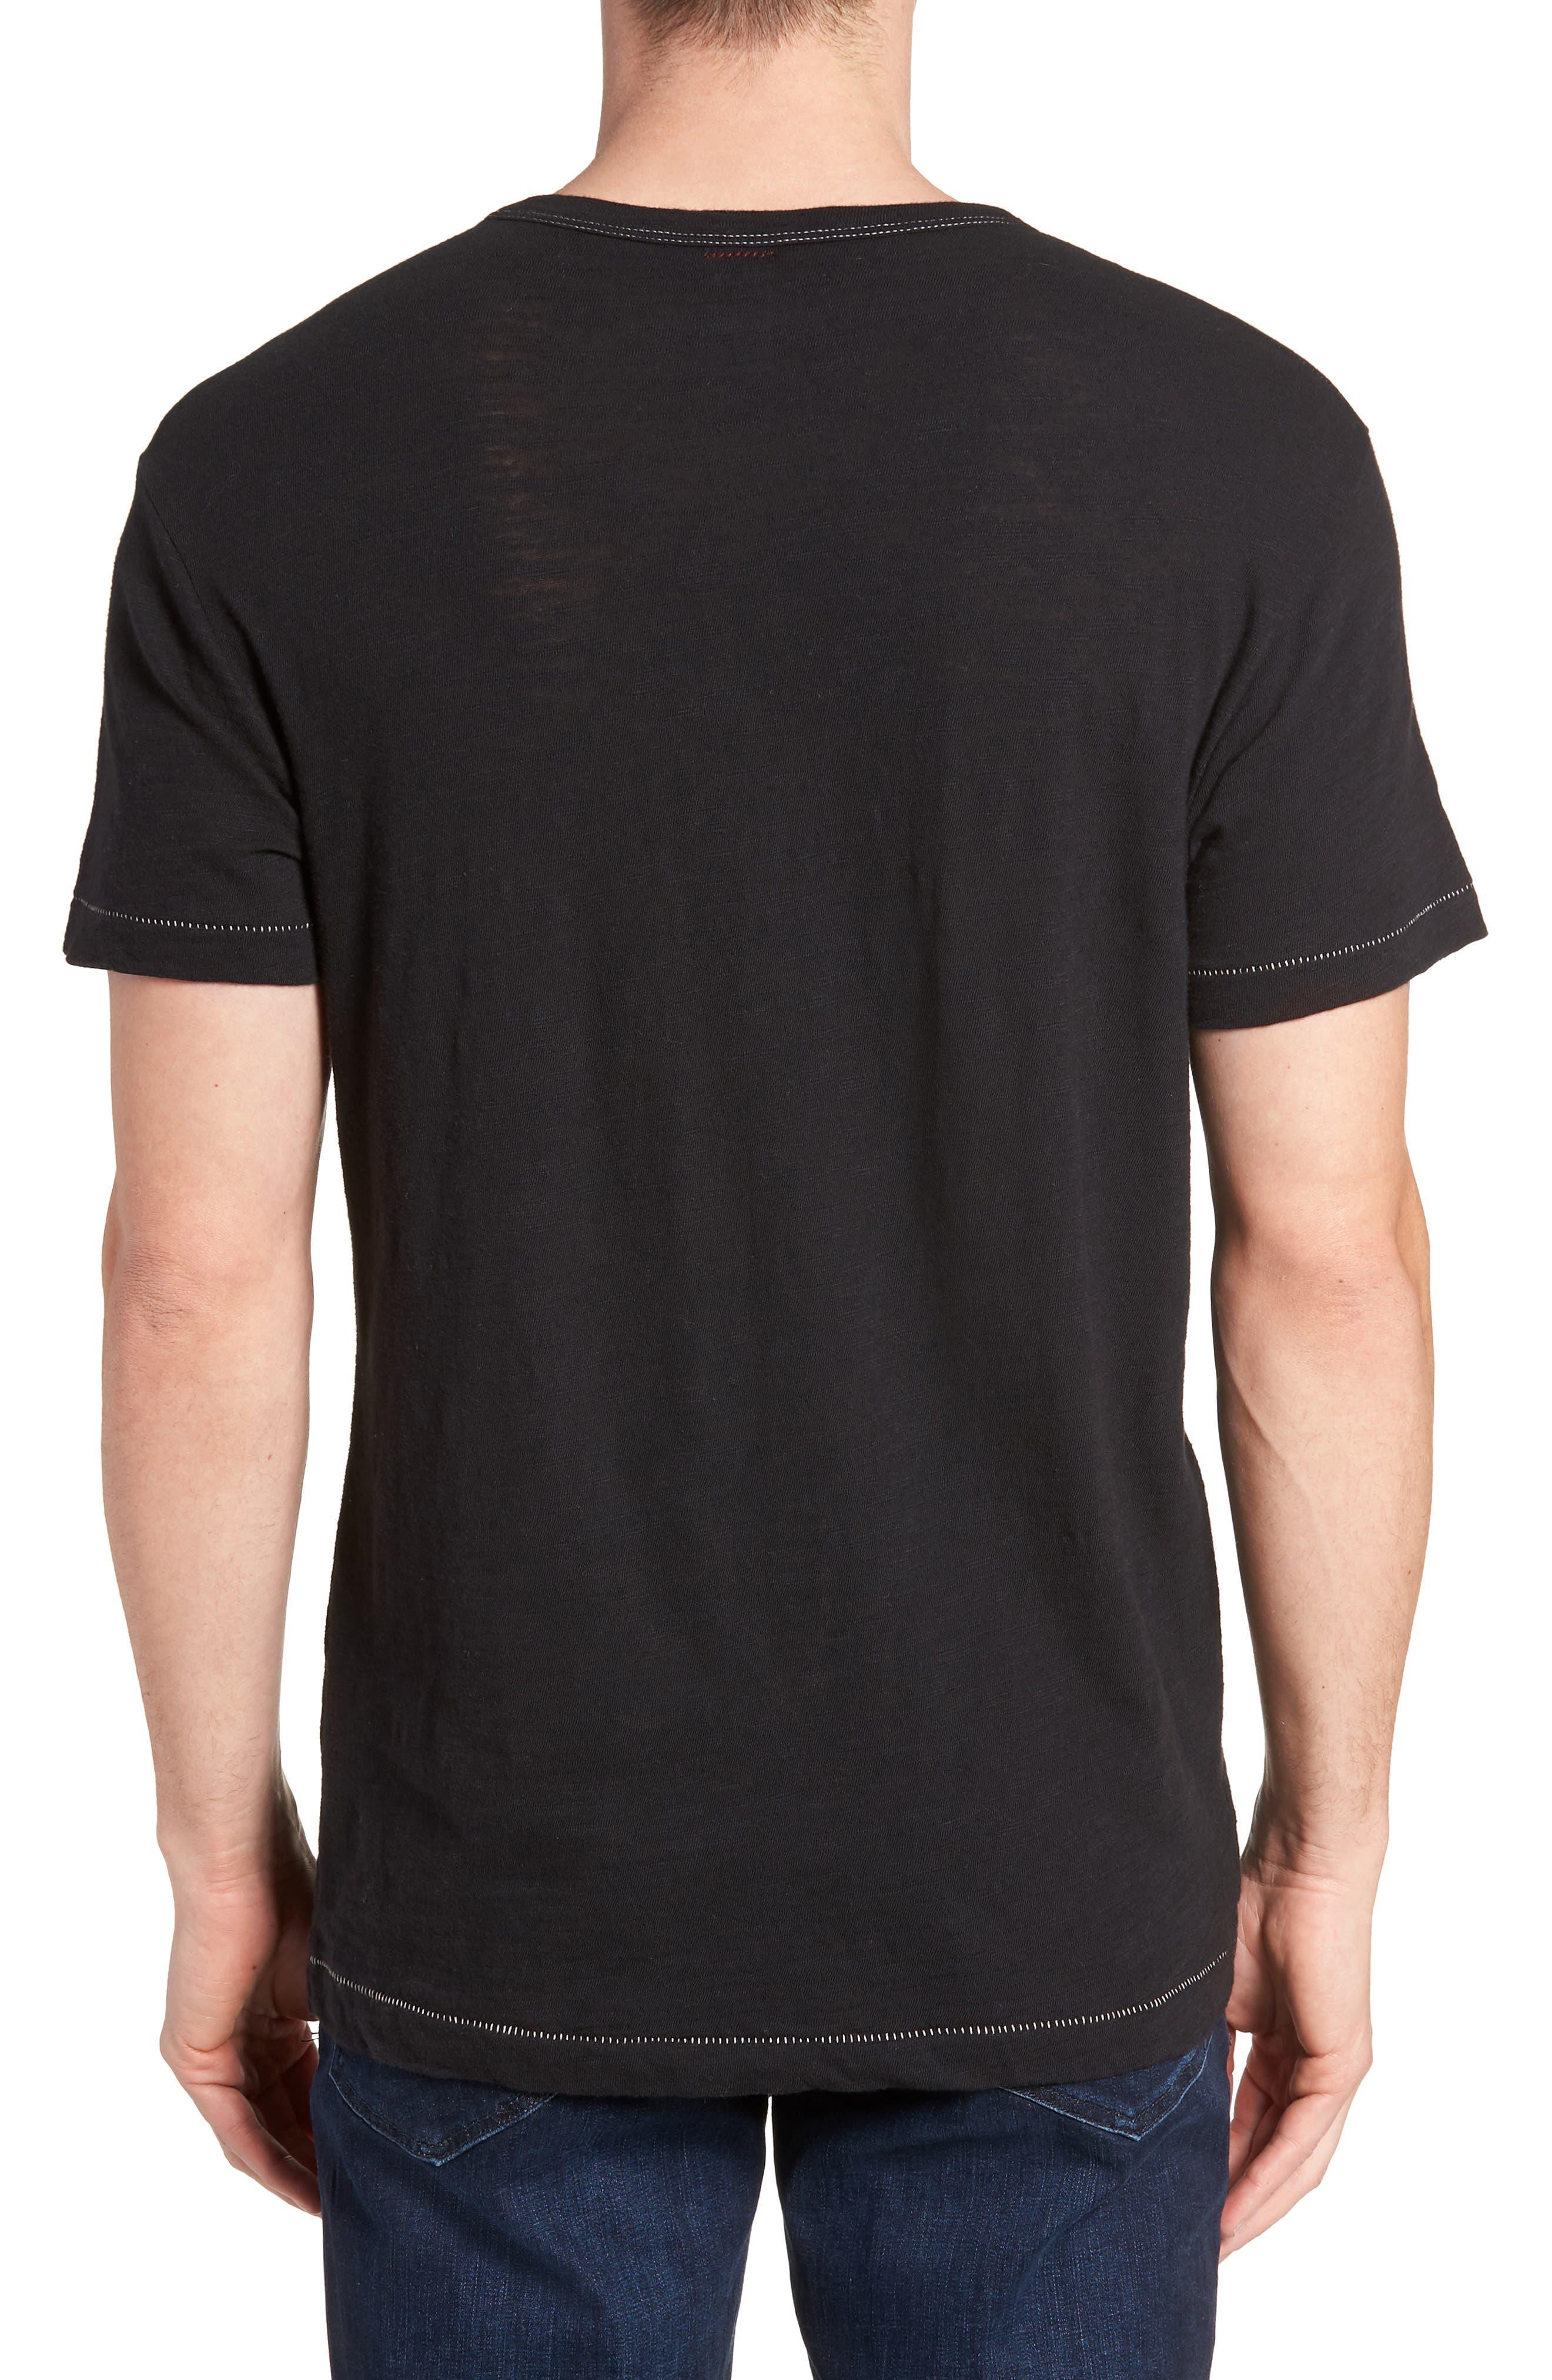 + Champion T-Shirt,                             Alternate thumbnail 2, color,                             Black